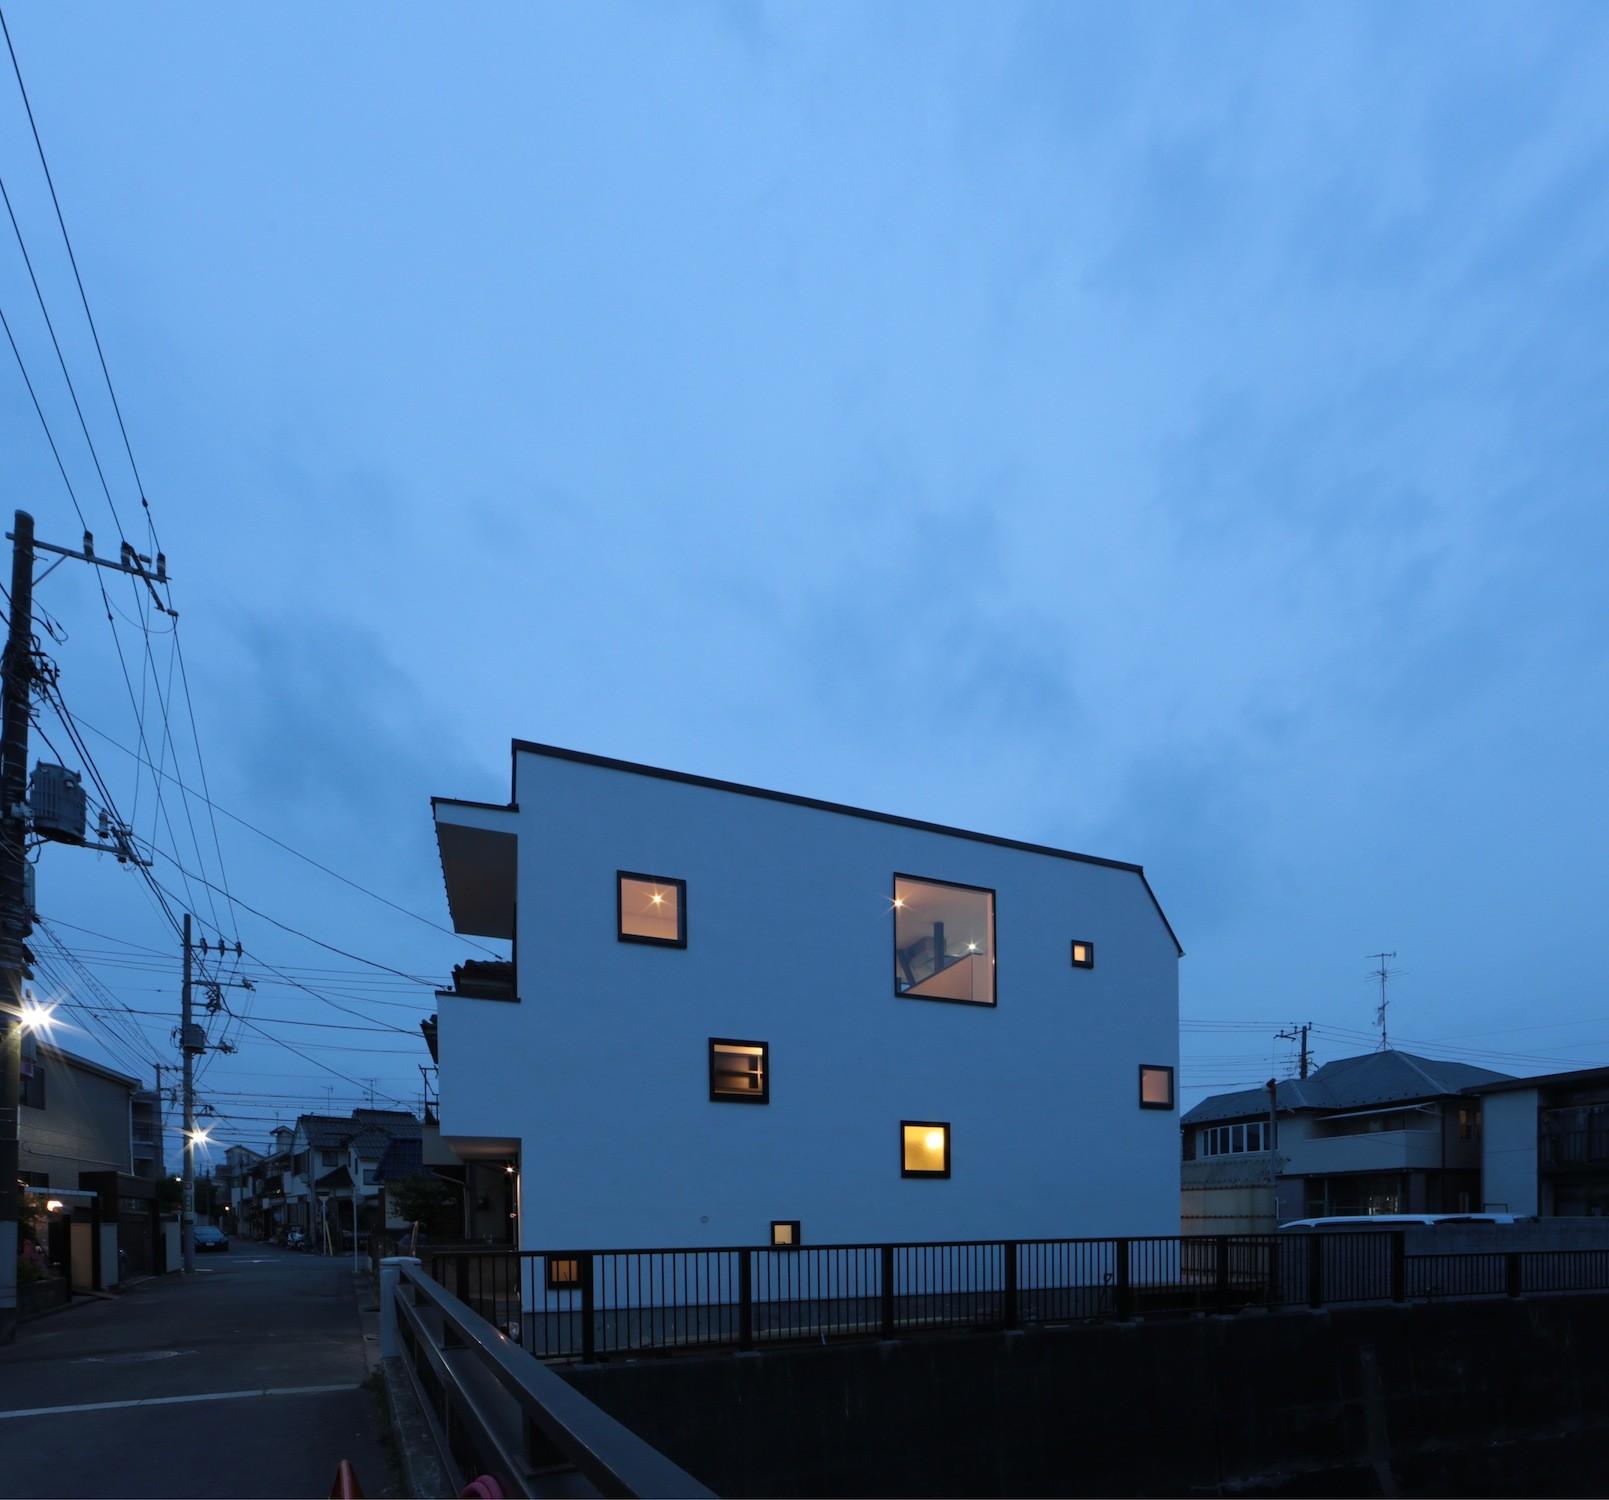 外観事例:夜景外観(大収納狭小住宅 ハコノオウチ07)